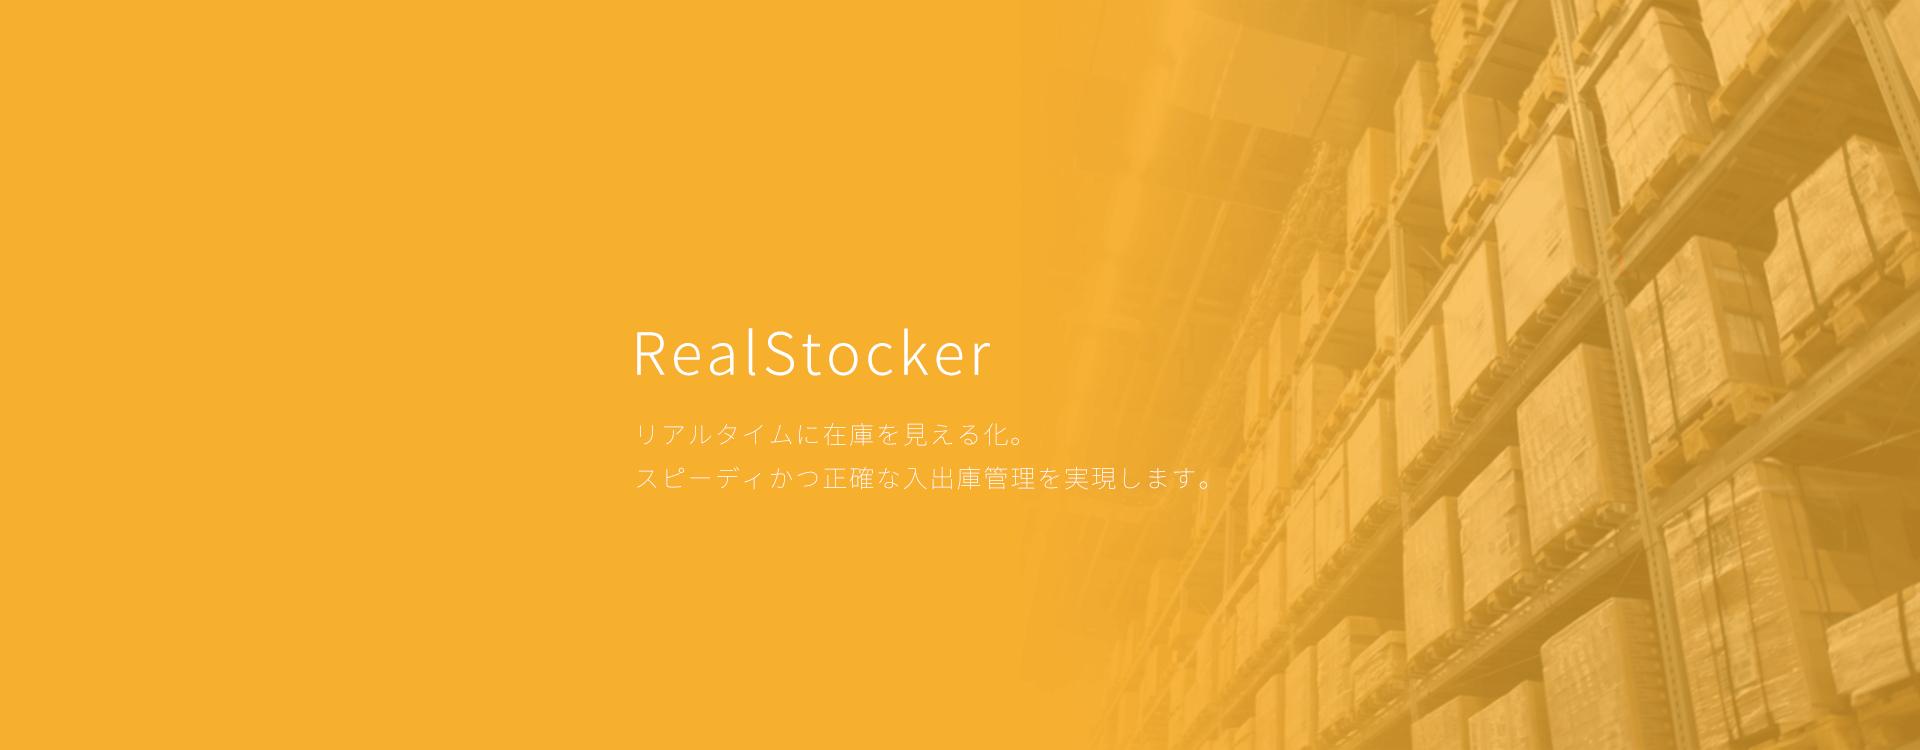 在庫管理パッケージ RealStocker